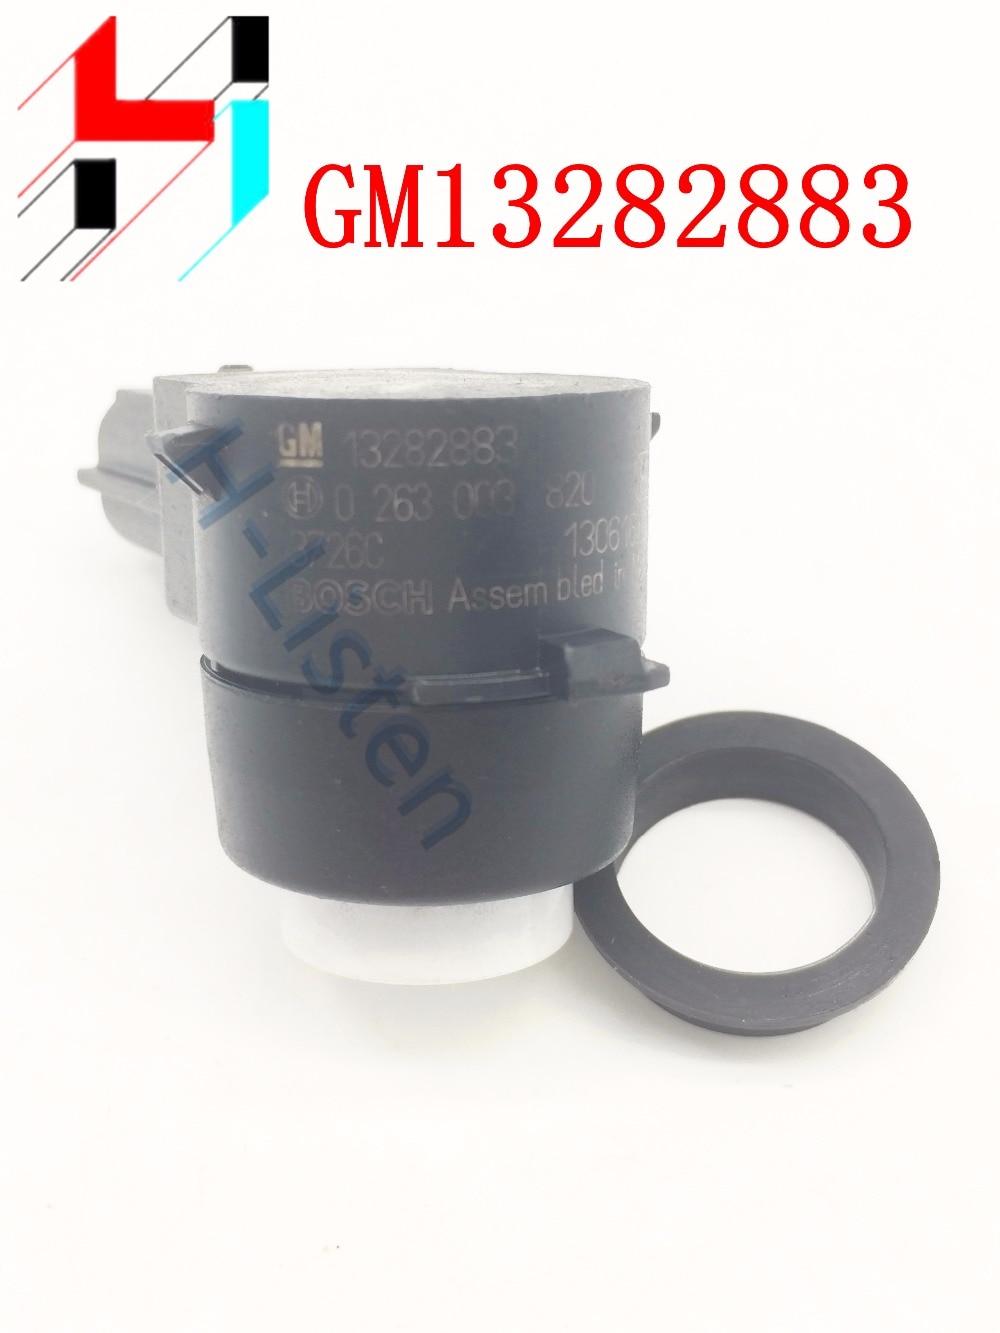 High Quality Original Car Parking Sensor For Chevrolet Cruze Aveo Orlando Opel Astra J Insignia 13282883 0263003820